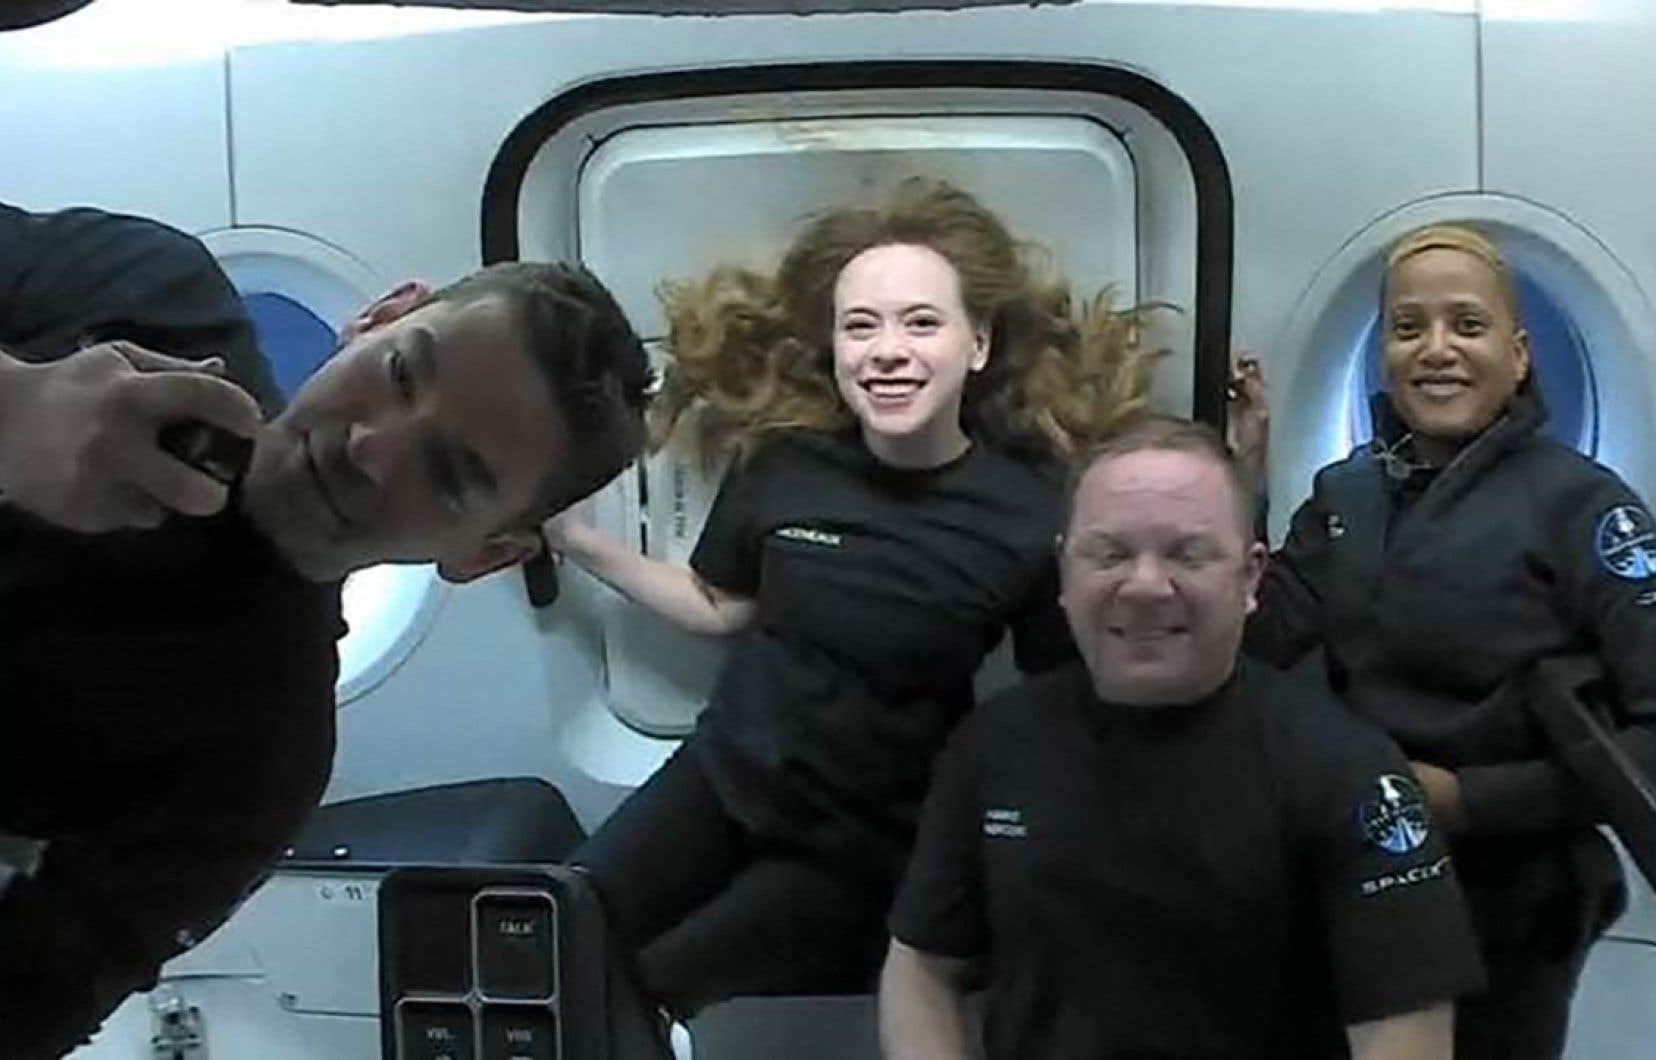 L'équipage d'Inspiration4, de gauche à droite: Jared Isaacman, Hayley Arceneaux, Christopher Sembroski et Sian Proctor